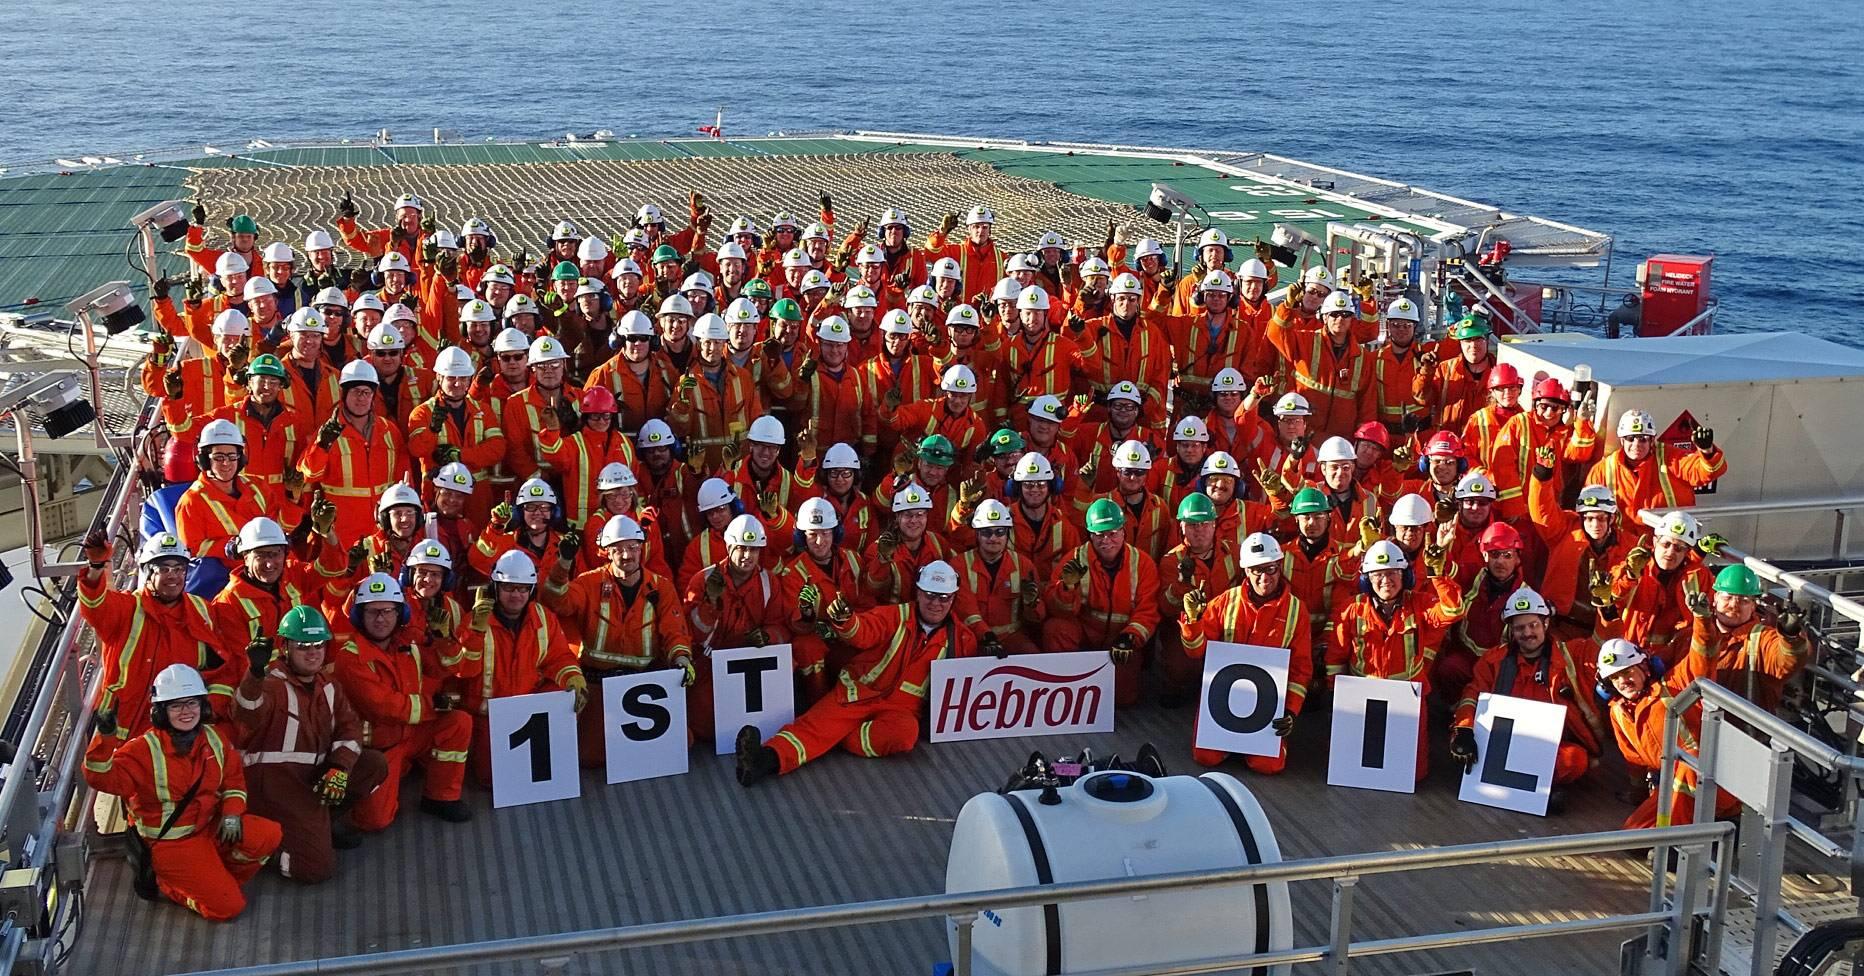 ExxonMobil's Hebron platform pumps first oil off Newfoundland and Labrador